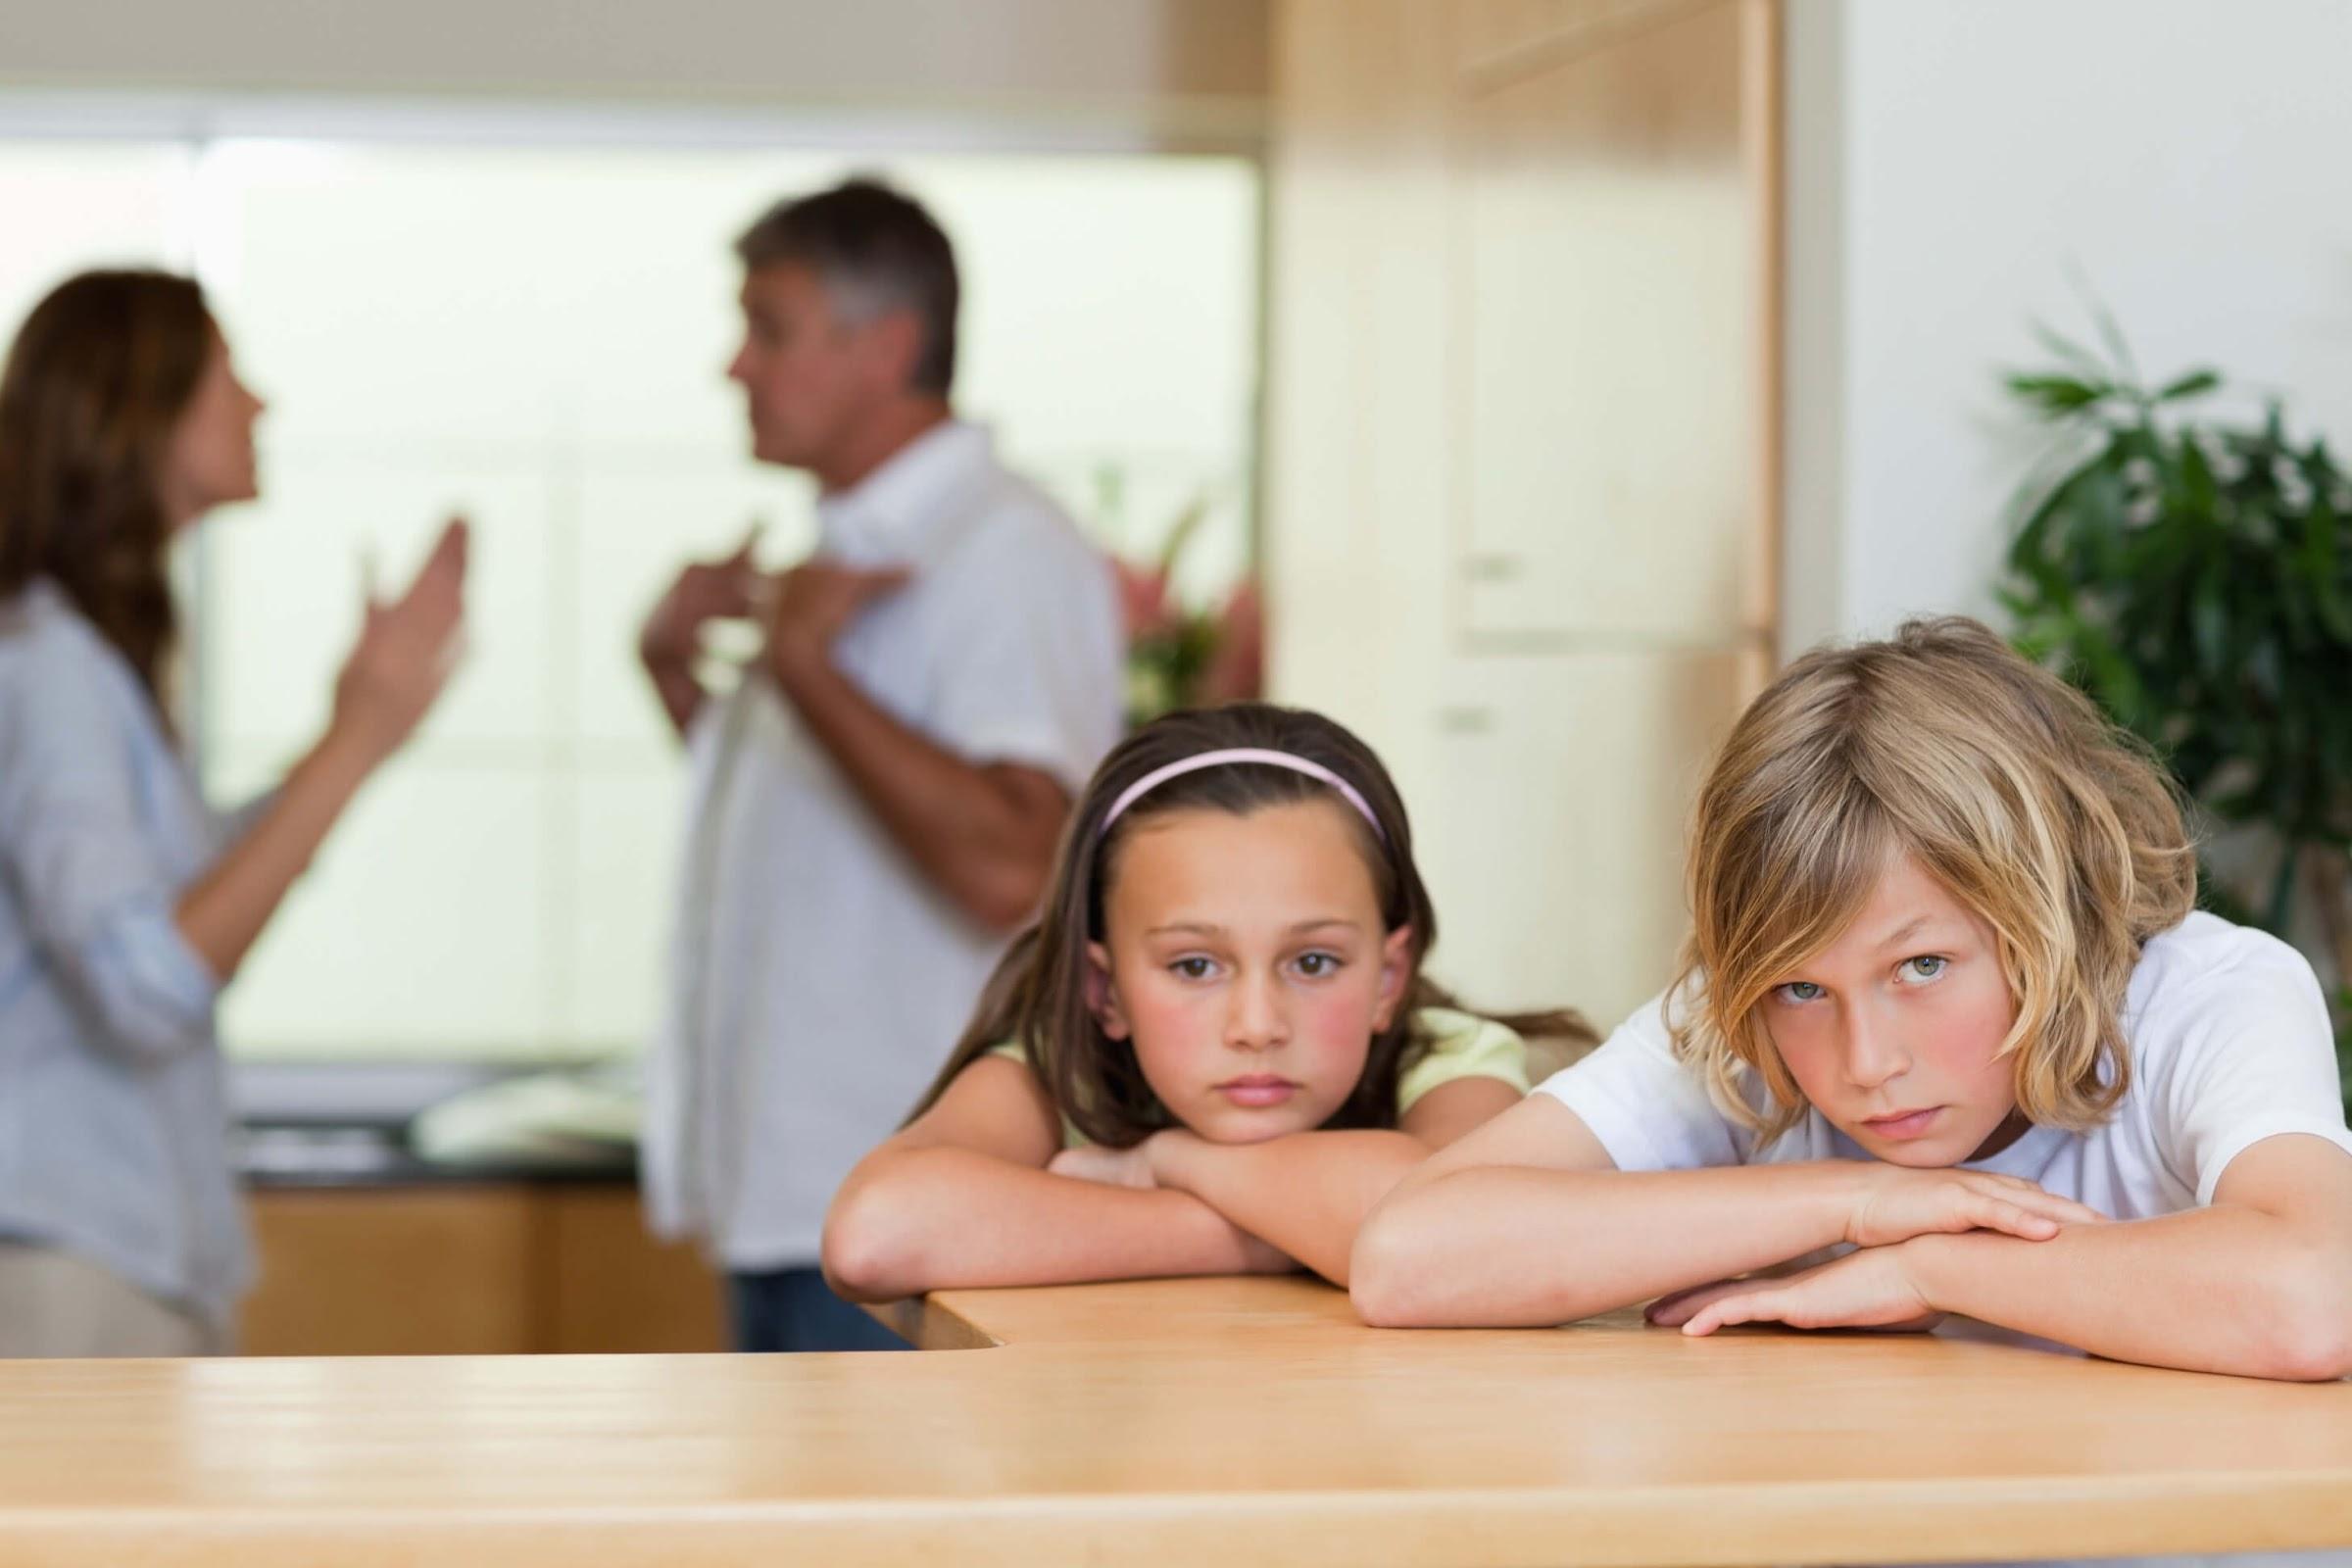 Children's Reactions to Divorce